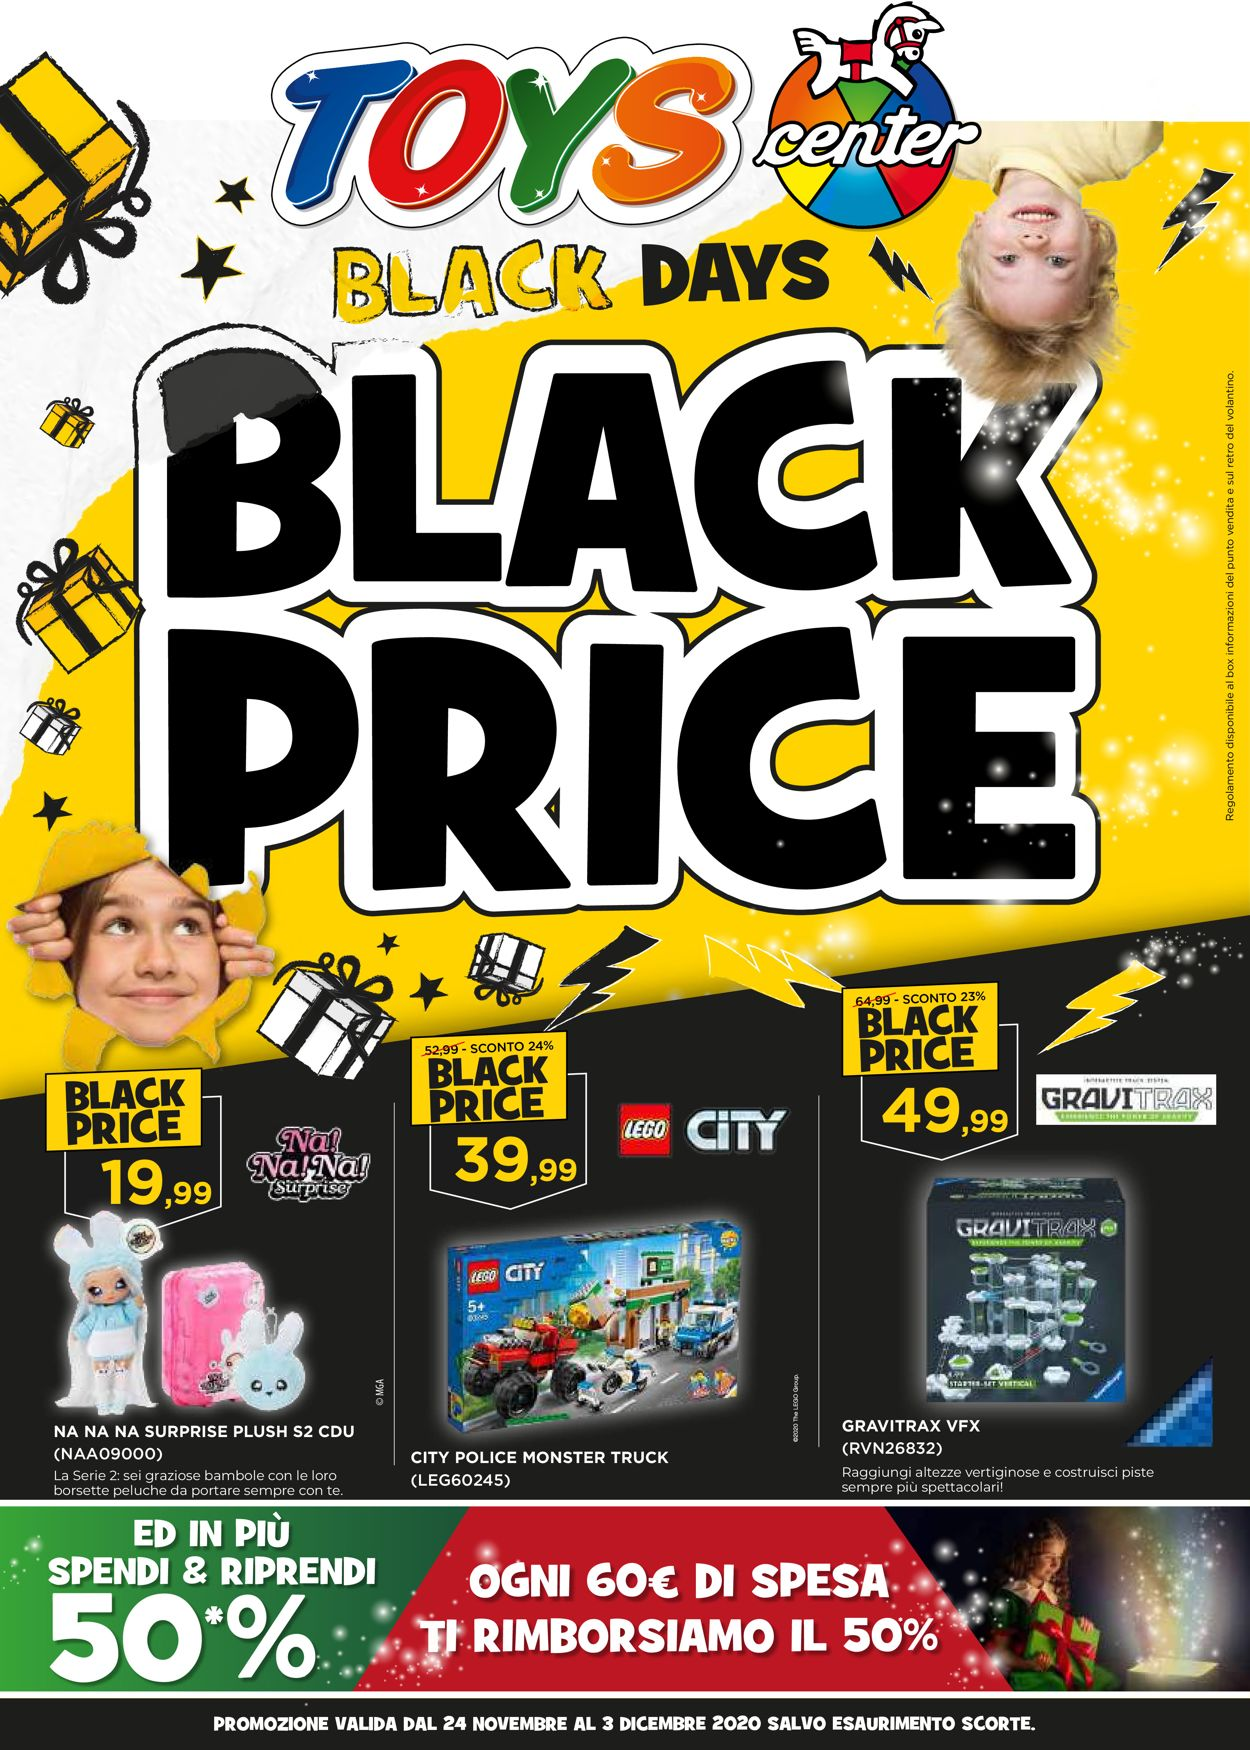 Volantino Toys Center - Black Friday 2020 - Offerte 24/11-03/12/2020